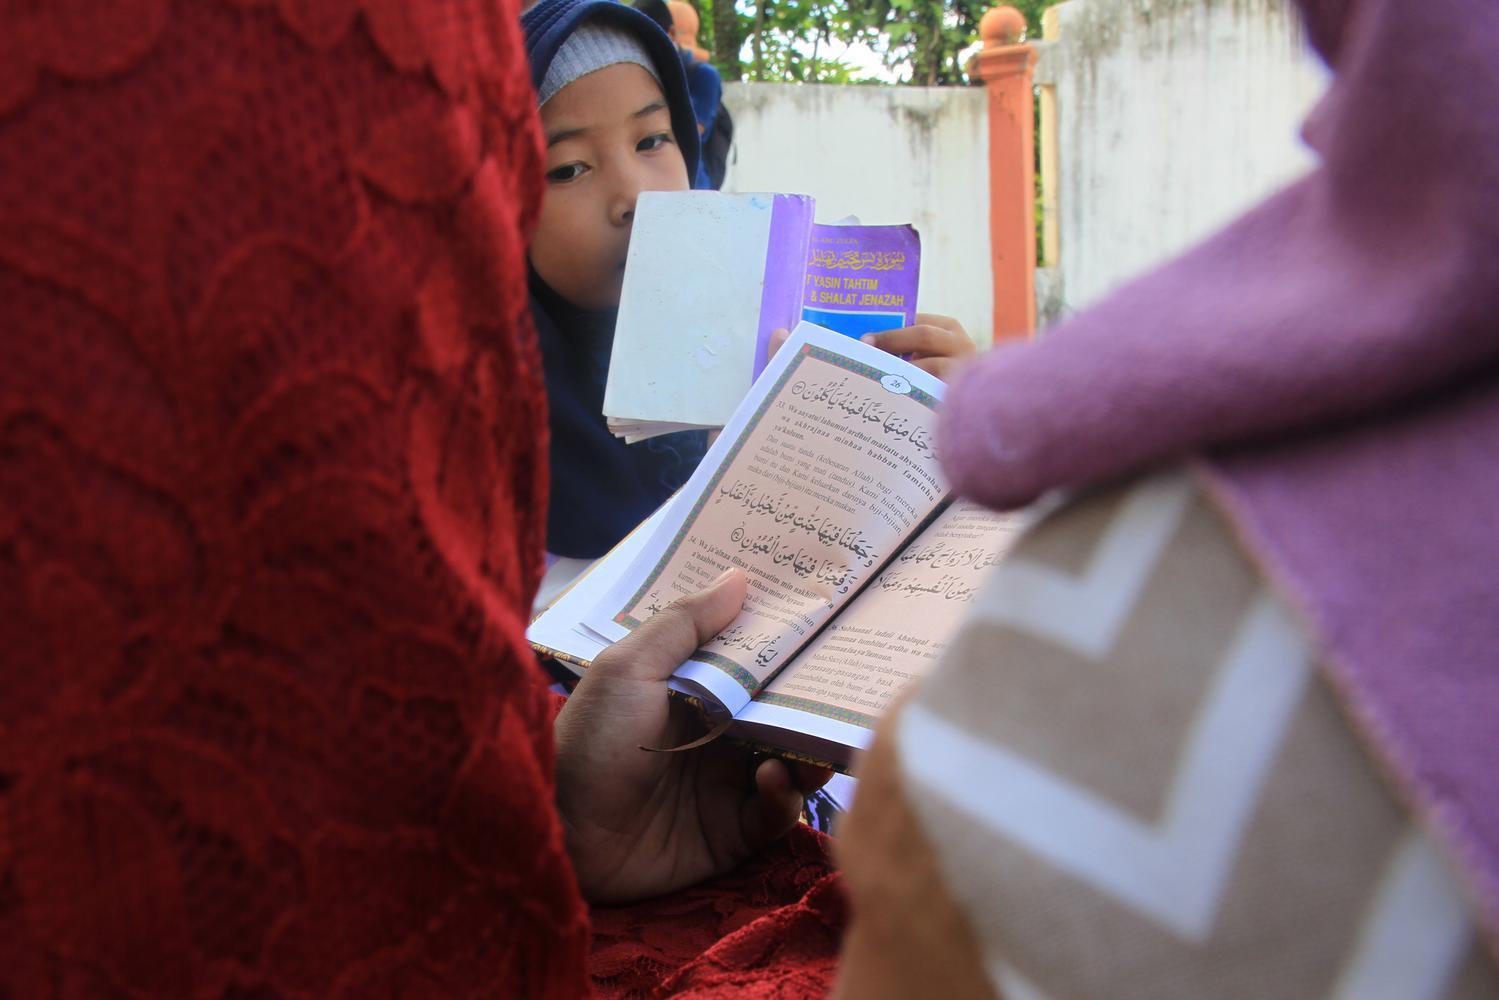 Sejumlah umat muslim membaca Surat Yasin dan doa bersama saat berziarah ke kuburan massal korban gempa dan gelombang tsunami di Desa Suak Indrapuri, Johan Pahlawan, Aceh Barat, Aceh, Kamis (26/12/2019).